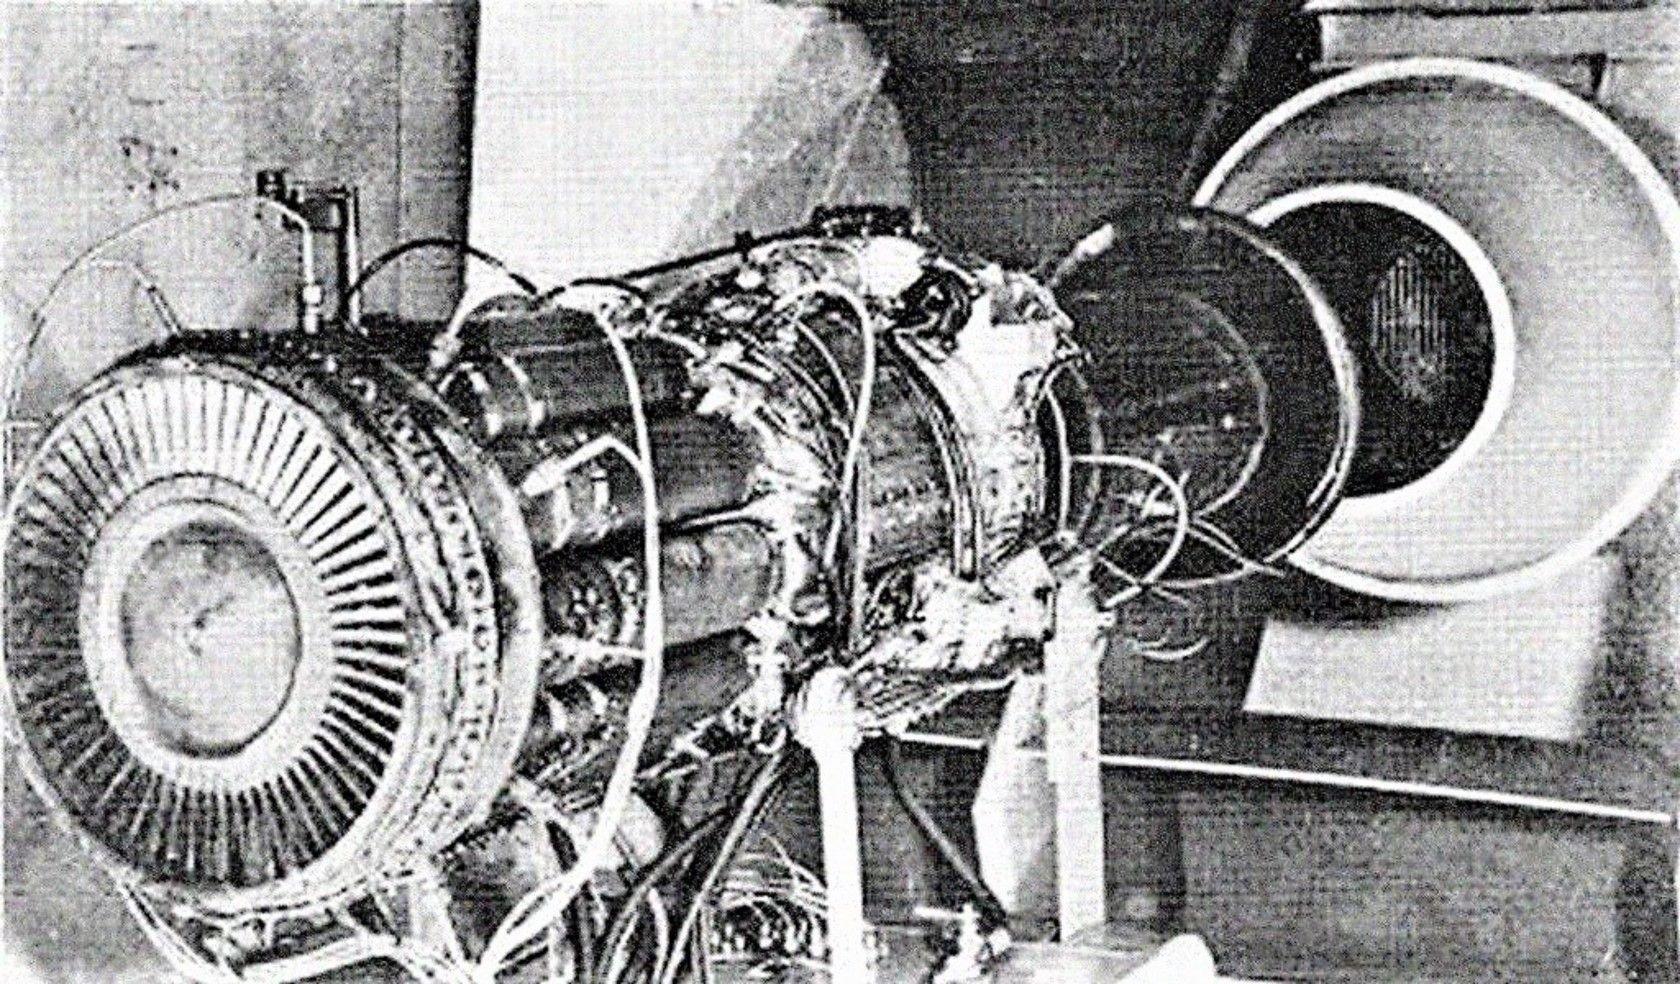 Heinkel Jet engines   Aircraft of World War II - WW2Aircraft